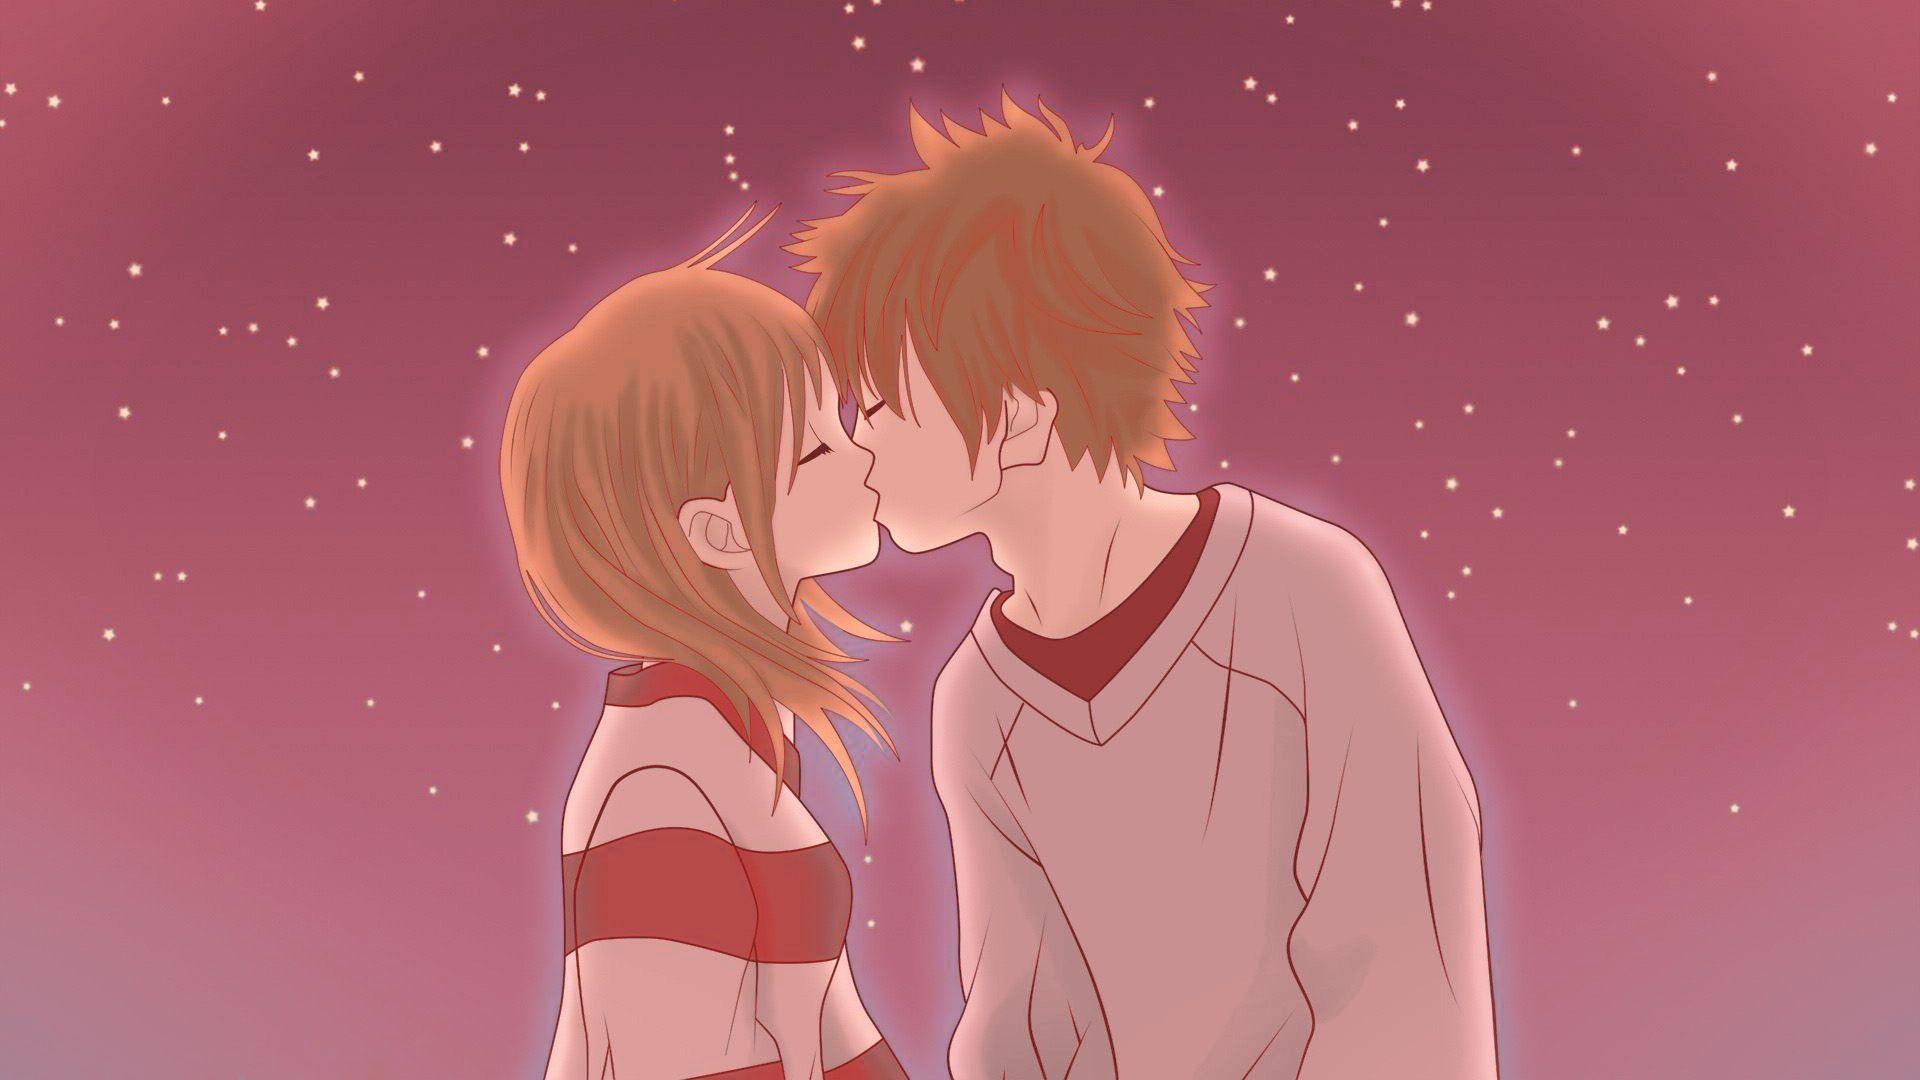 Pin On Love Cartoon Couple